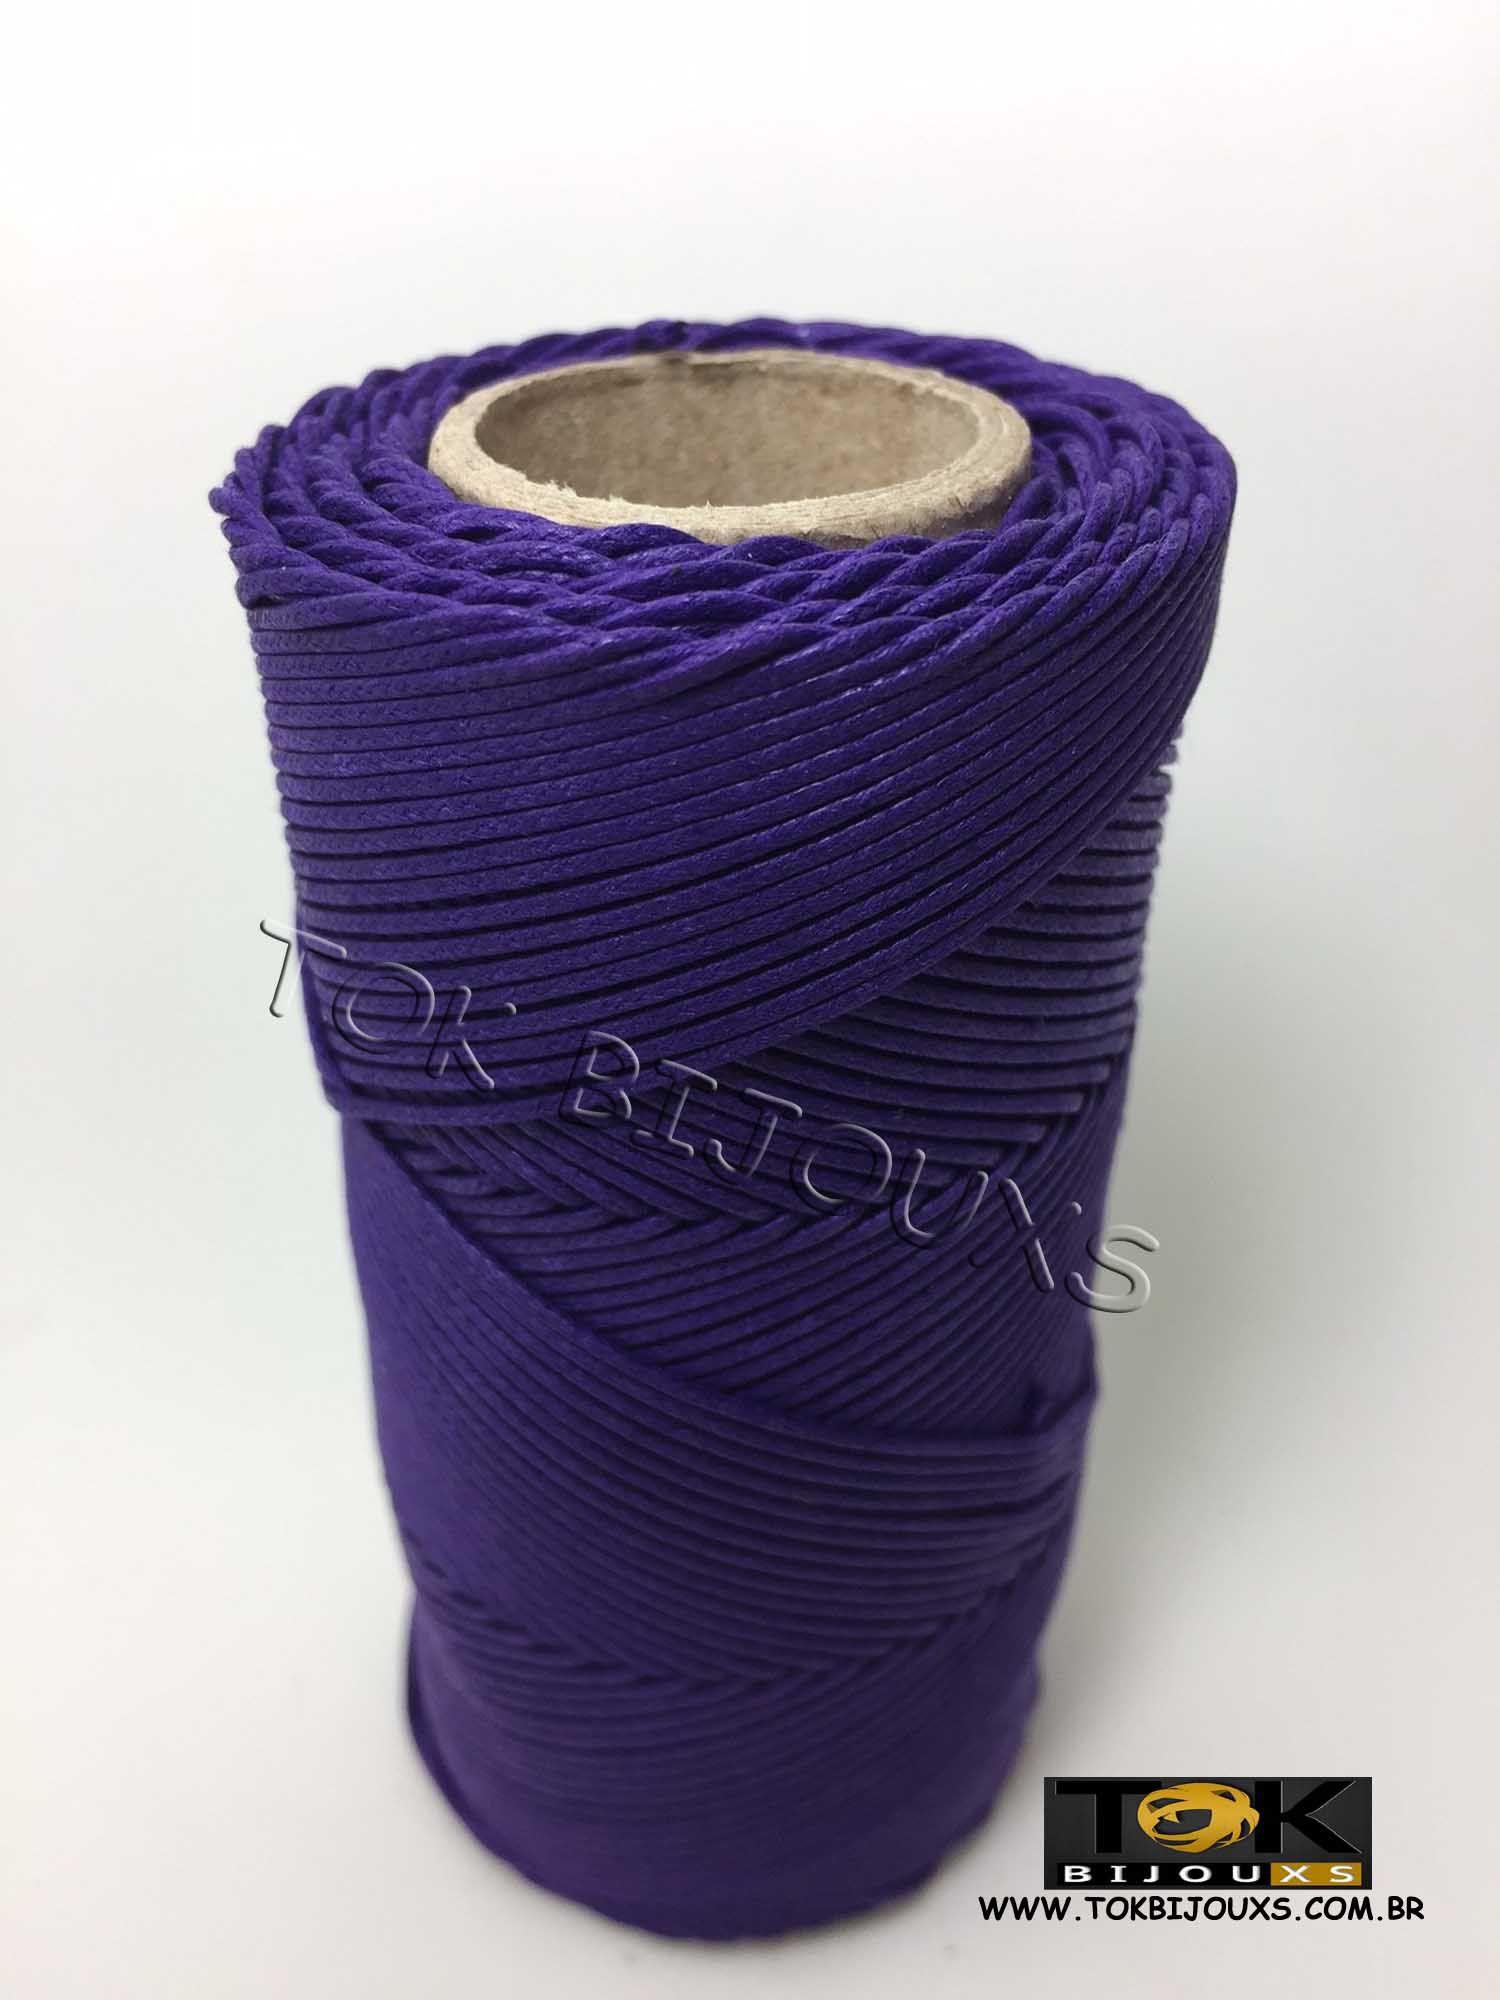 Cordão Encerado Algodão - 1mm - Roxo